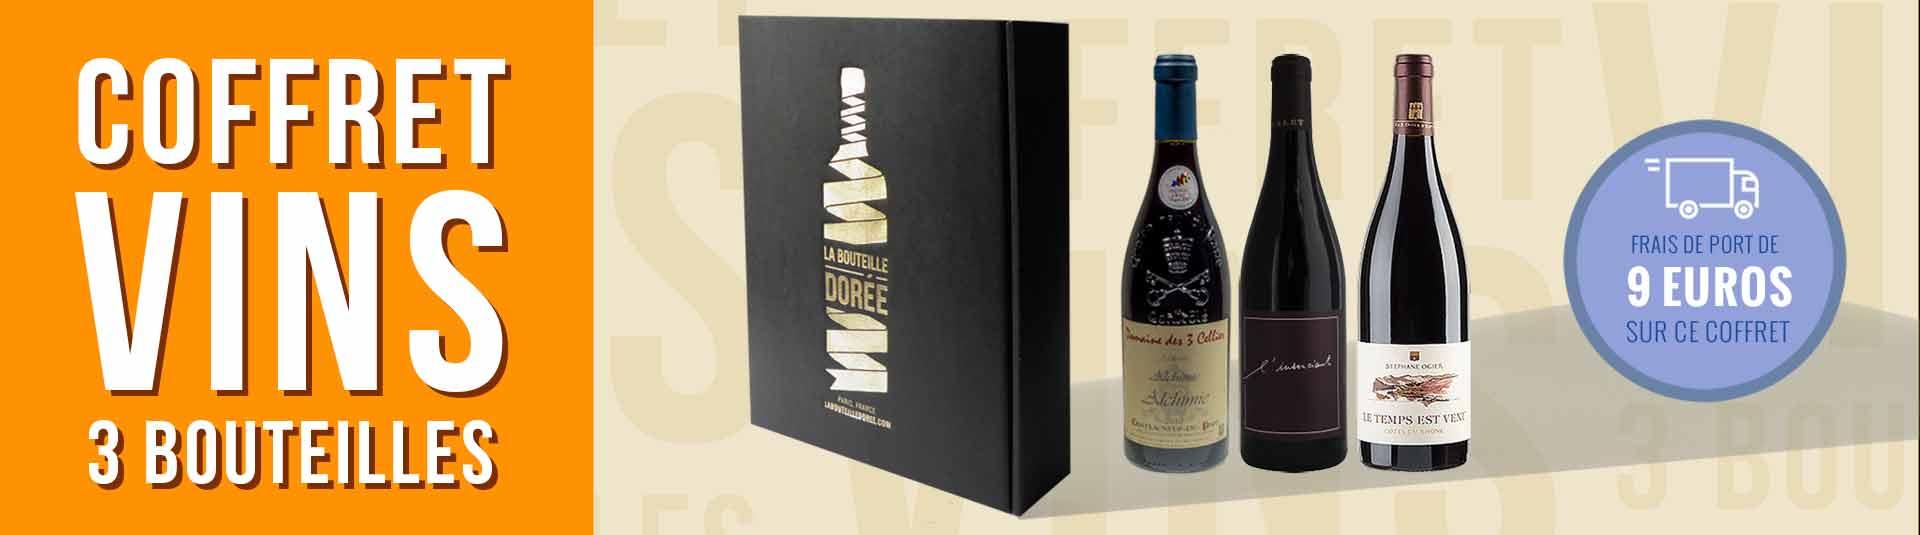 coffret vin Cépage Grenache 3 bouteilles